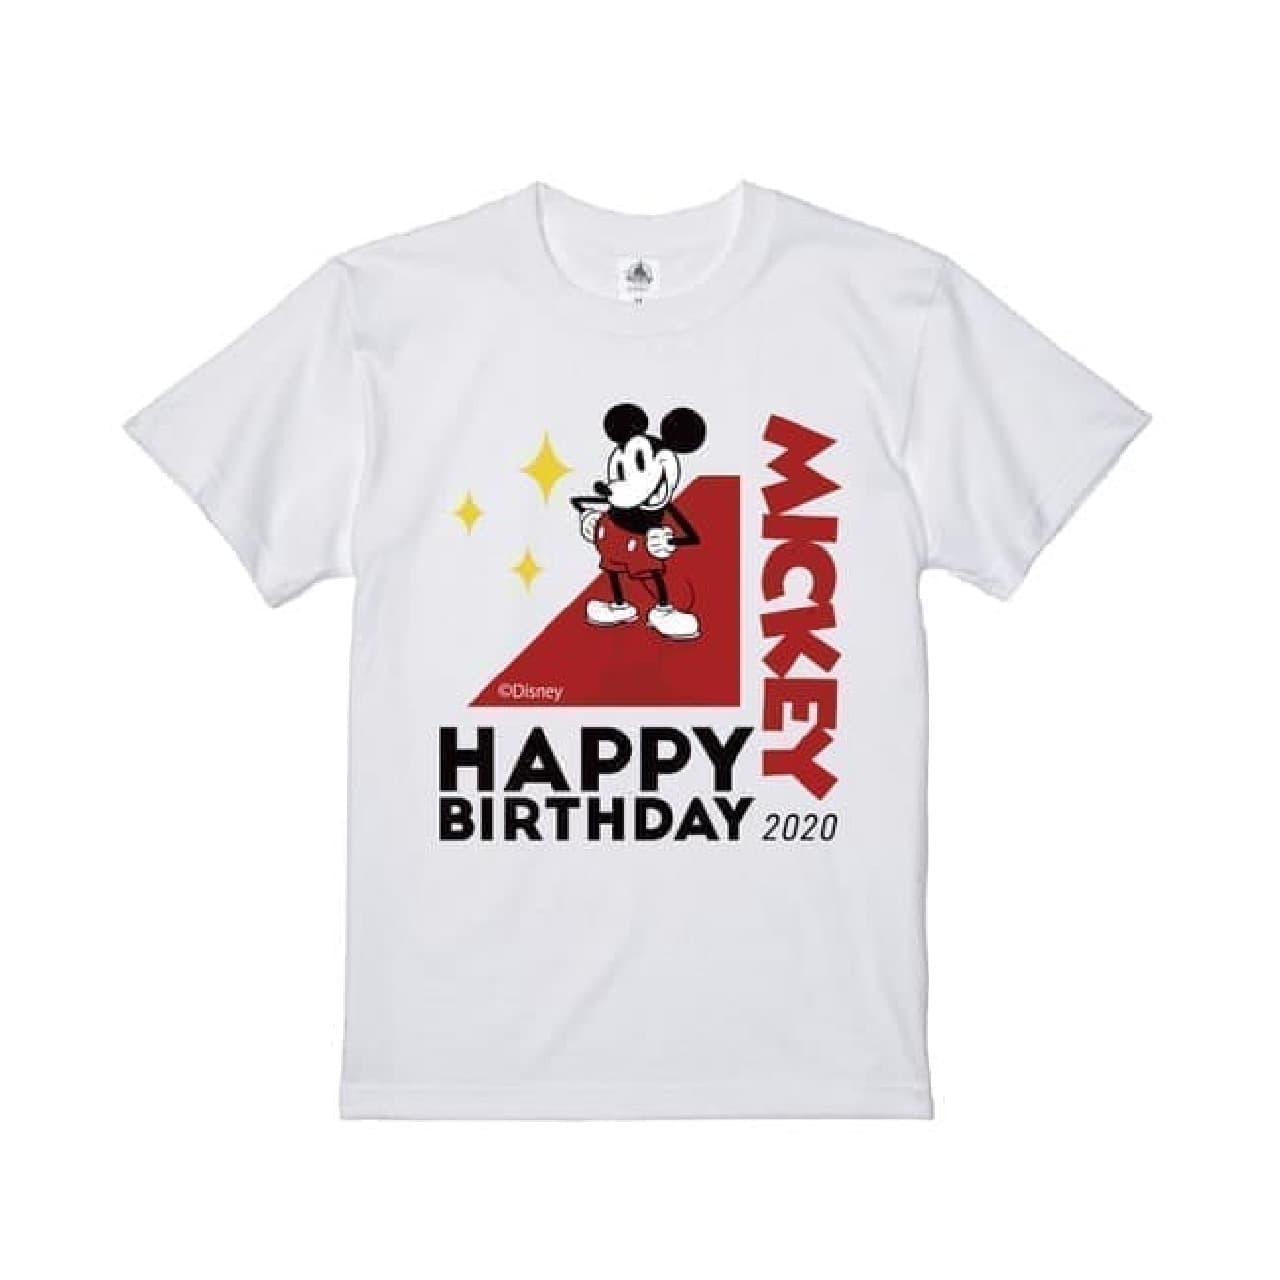 ディズニー映画「ファンタジア」80周年記念!ミッキーの新作雑貨がディズニーストアに